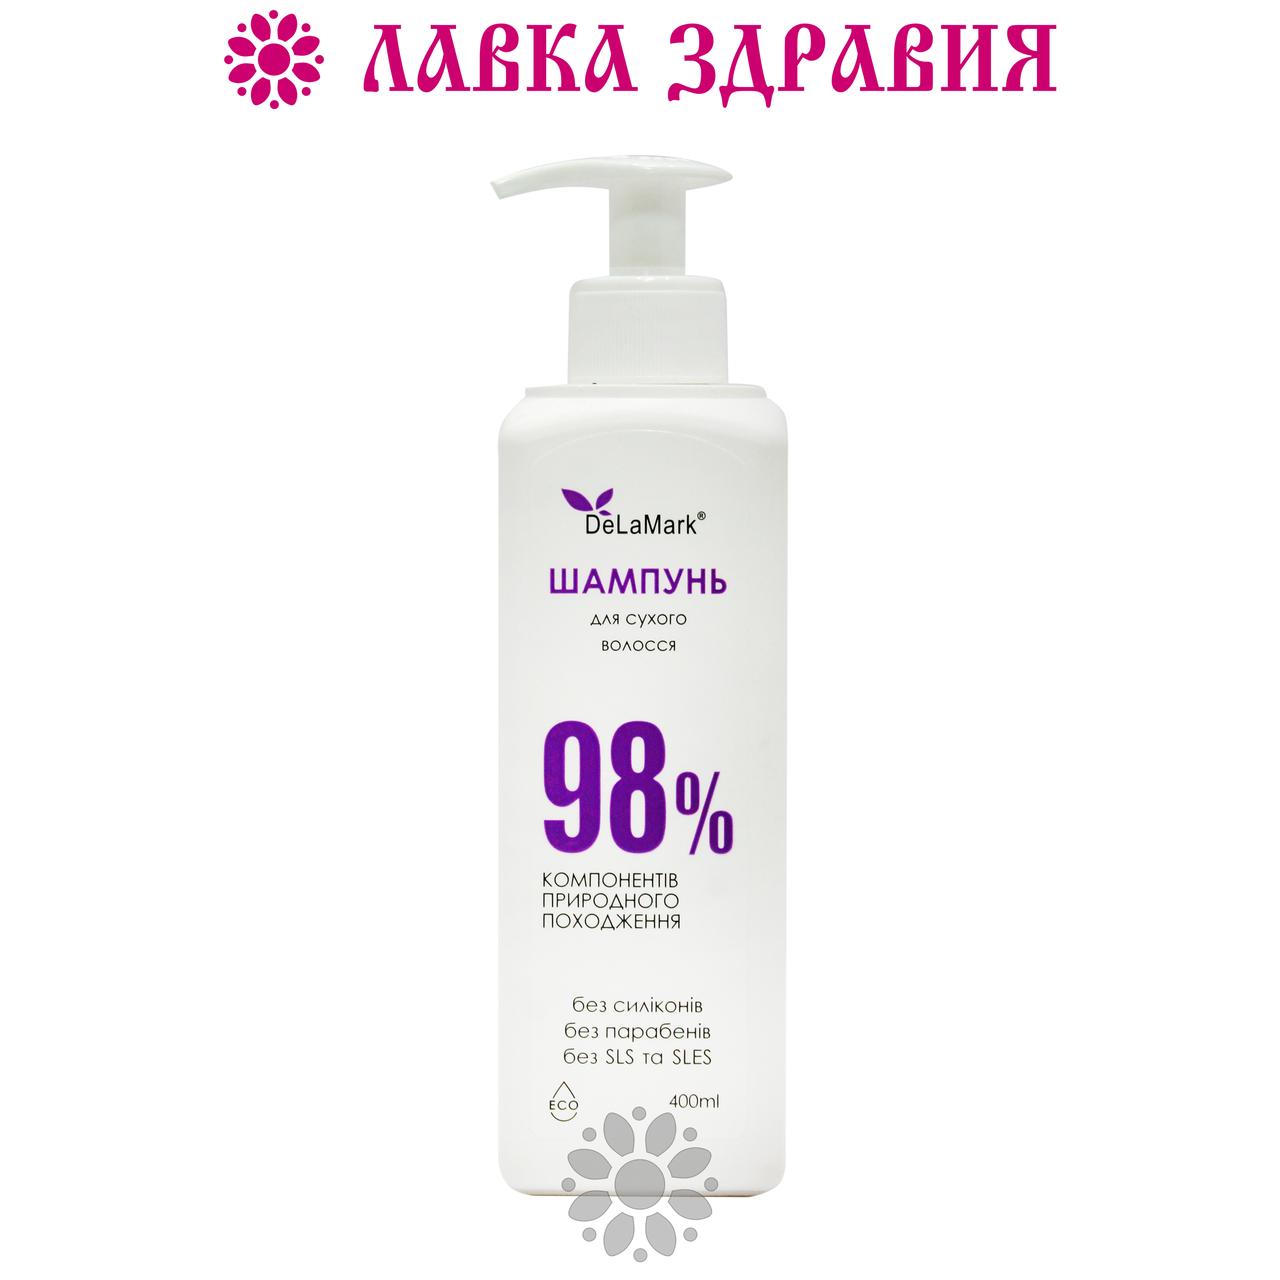 Шампунь DeLaMark для сухих волос, 400 мл